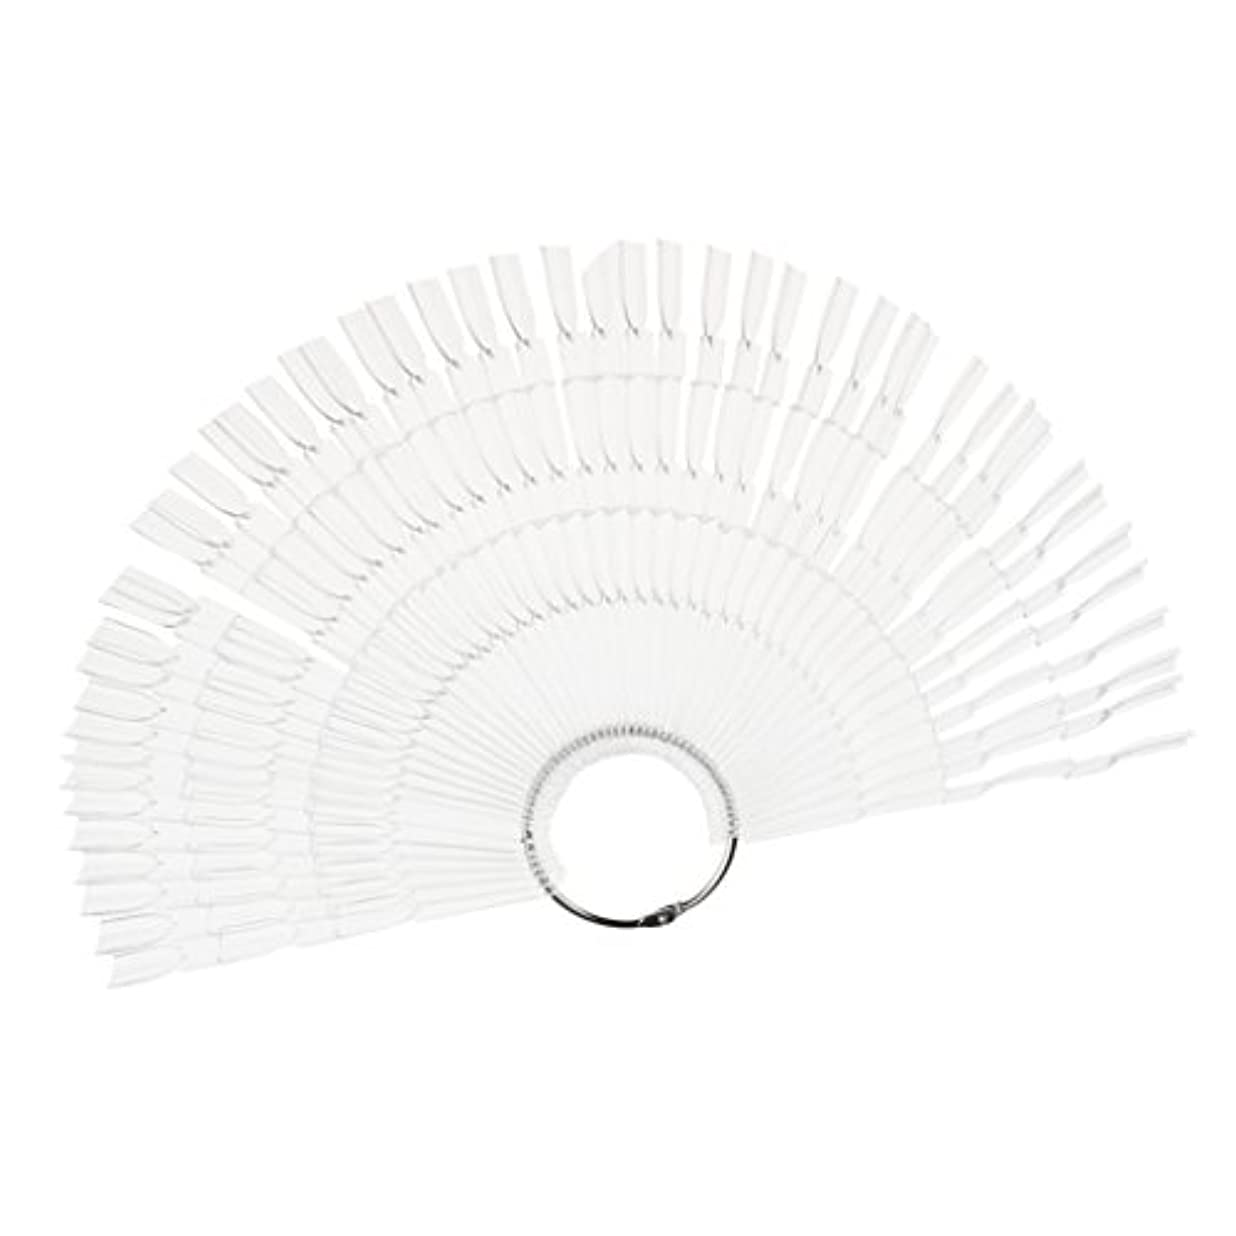 特権的レクリエーションあごネイルアート カラー表示チャート 約50個の扇形ヒント ネイルパレット 2タイプ選べる - クリア